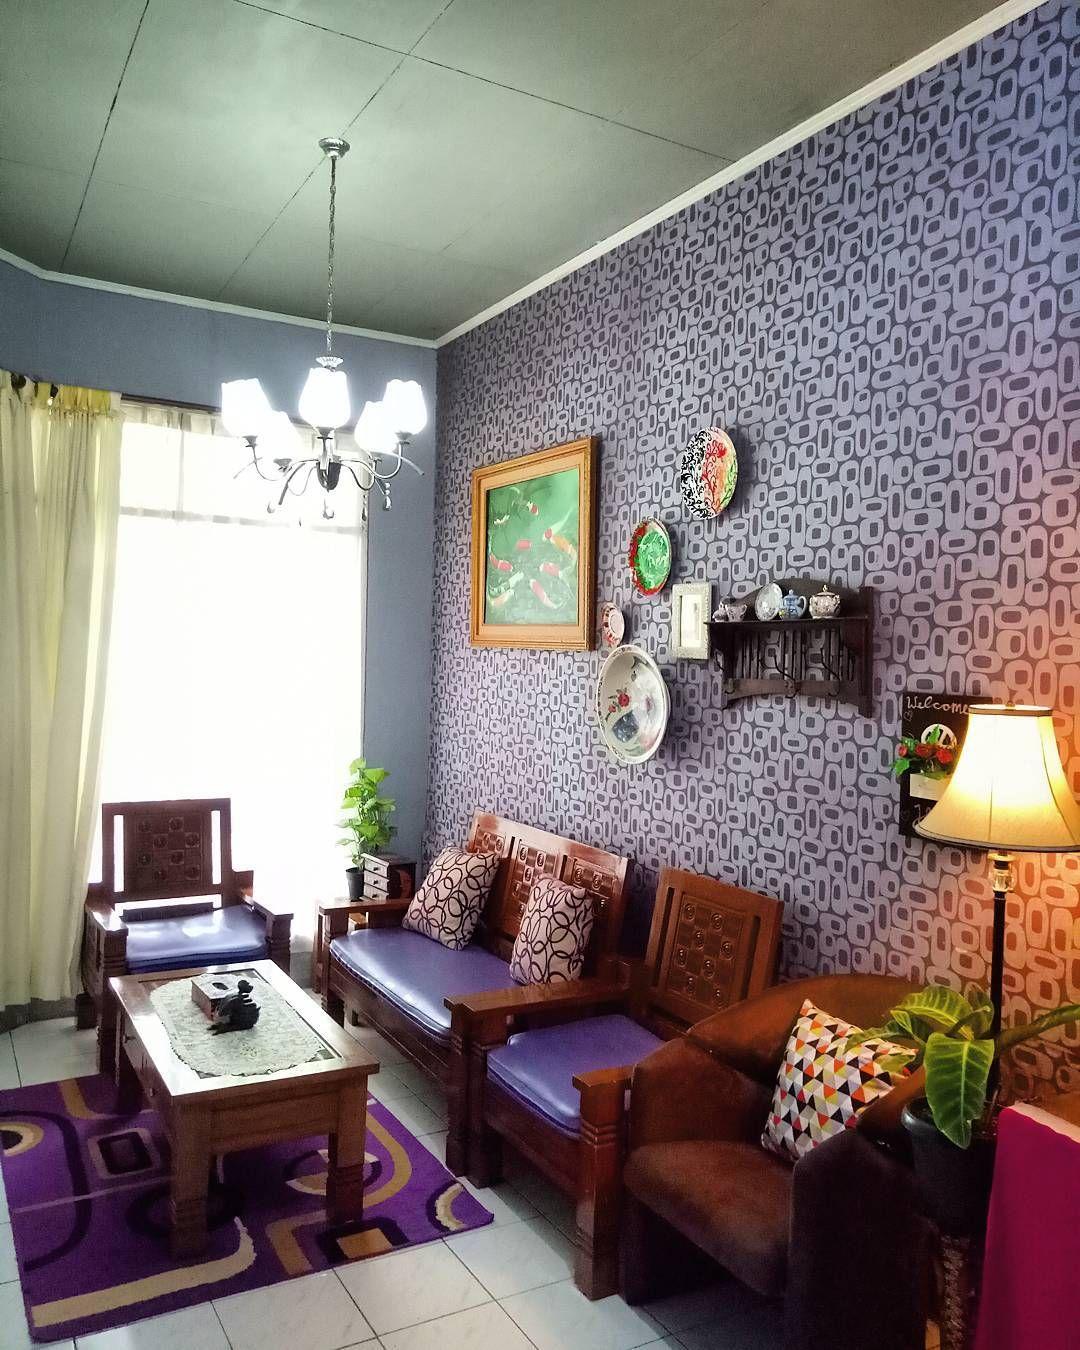 Wallpaper Ruang Tamu Minimalis Desain interior